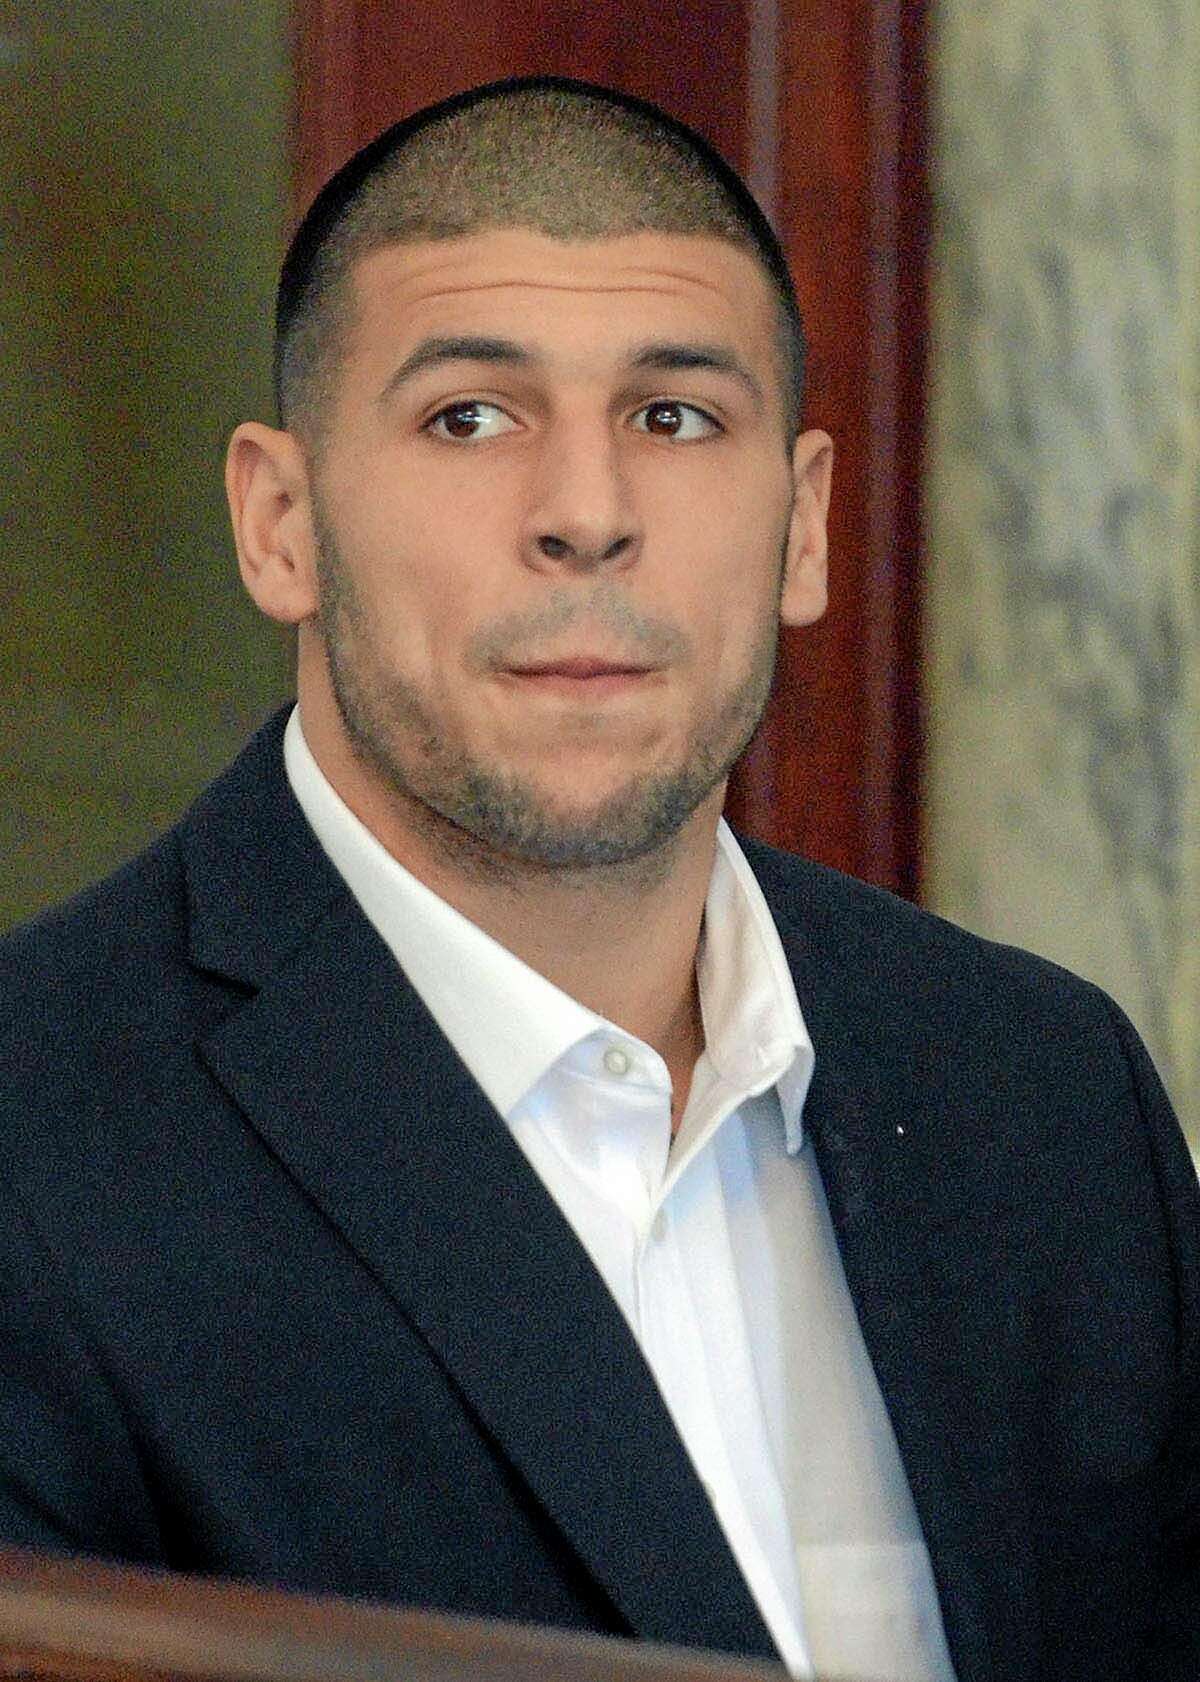 El ex jugador de los Patriots de Nueva Inglaterra, Aaron Hernández, aparece en una audiencia judicial el 30 de agosto de 2013, en Attleboro, Massachusetts. (AP Photo/The Sun Chronicle, Mike George, Pool, File)